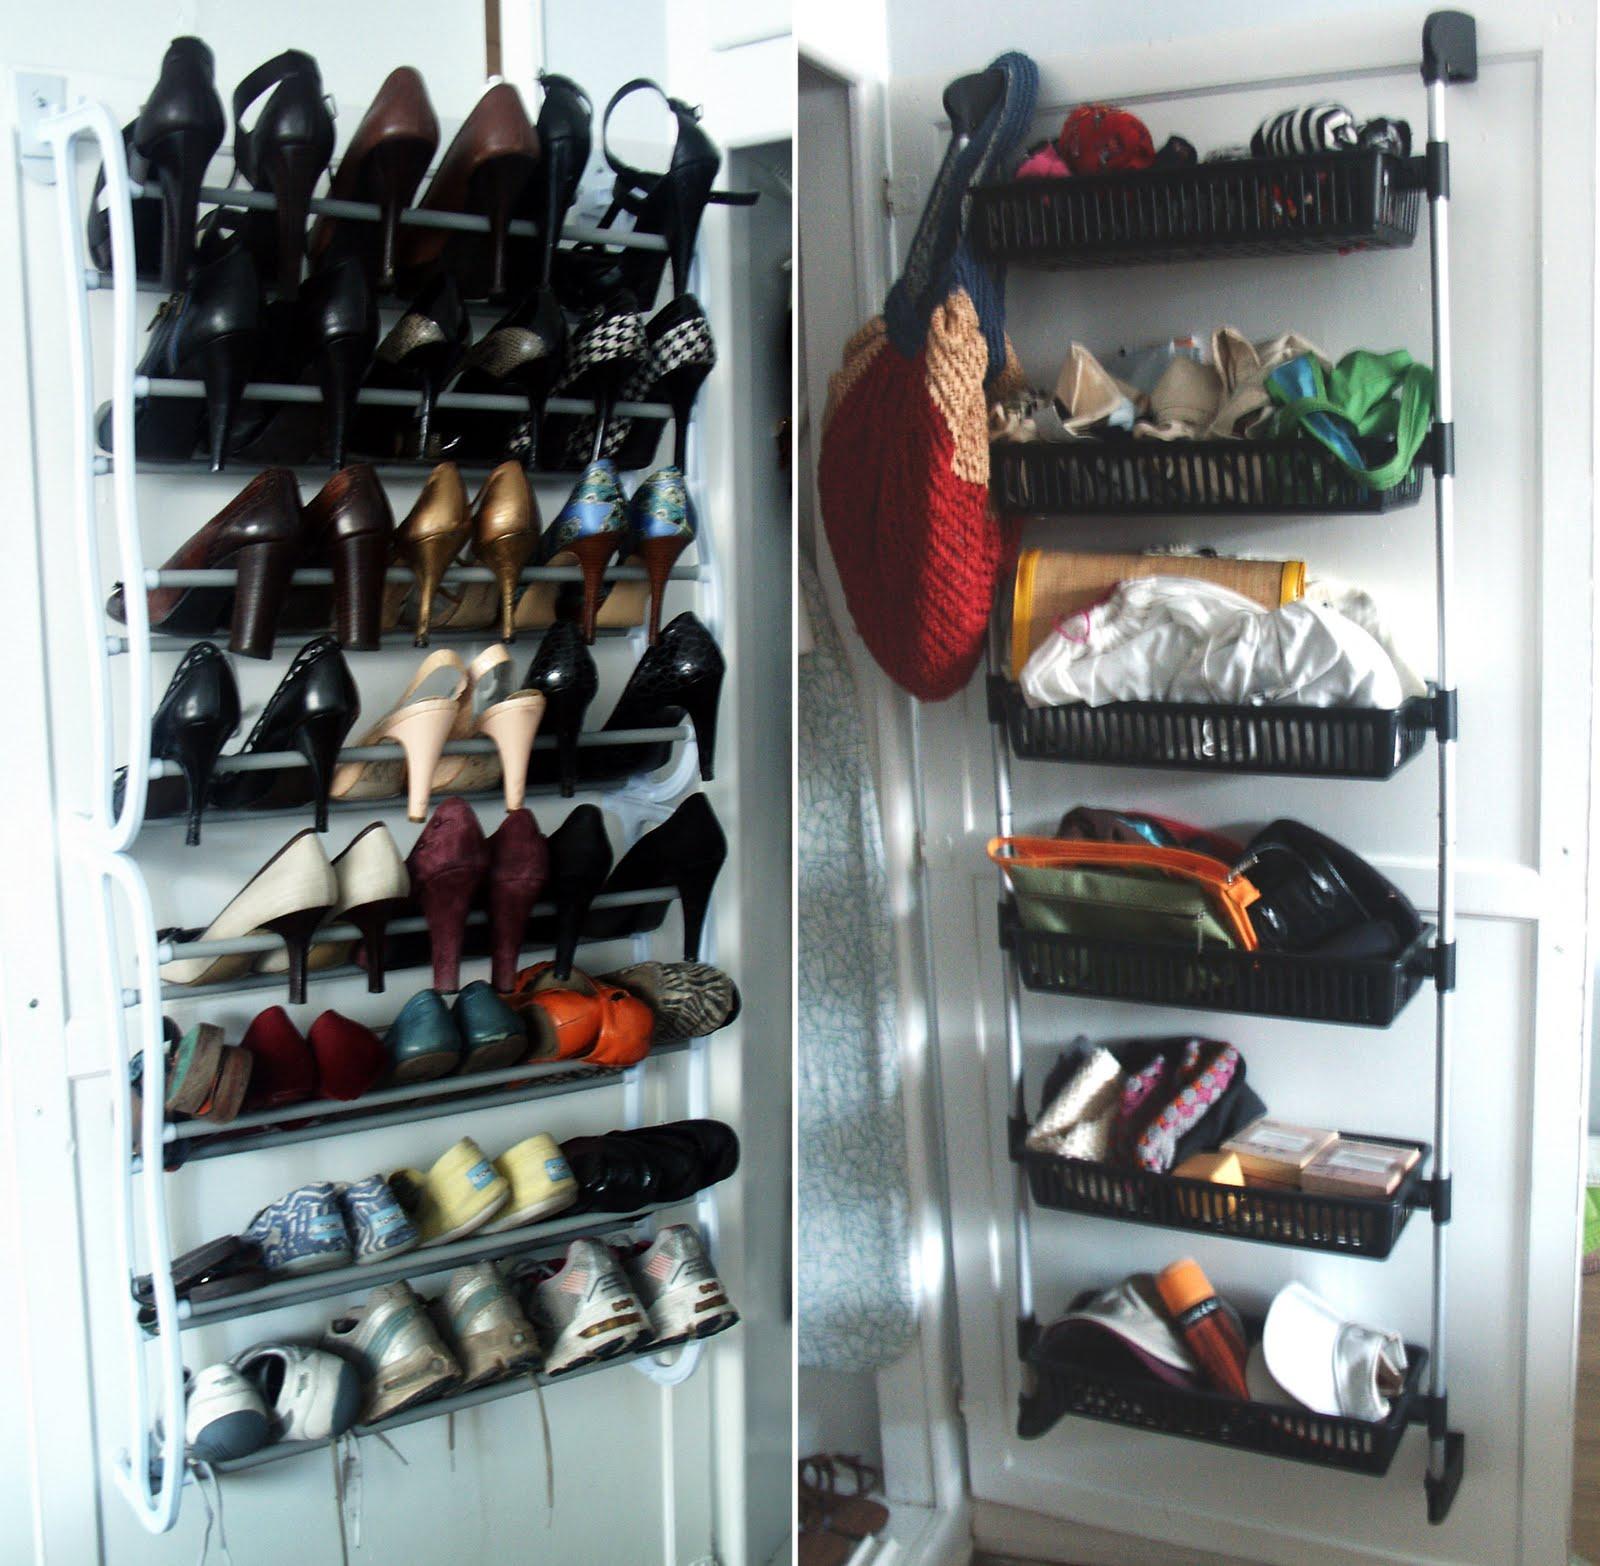 302 found - Handbag hanger for closet ...